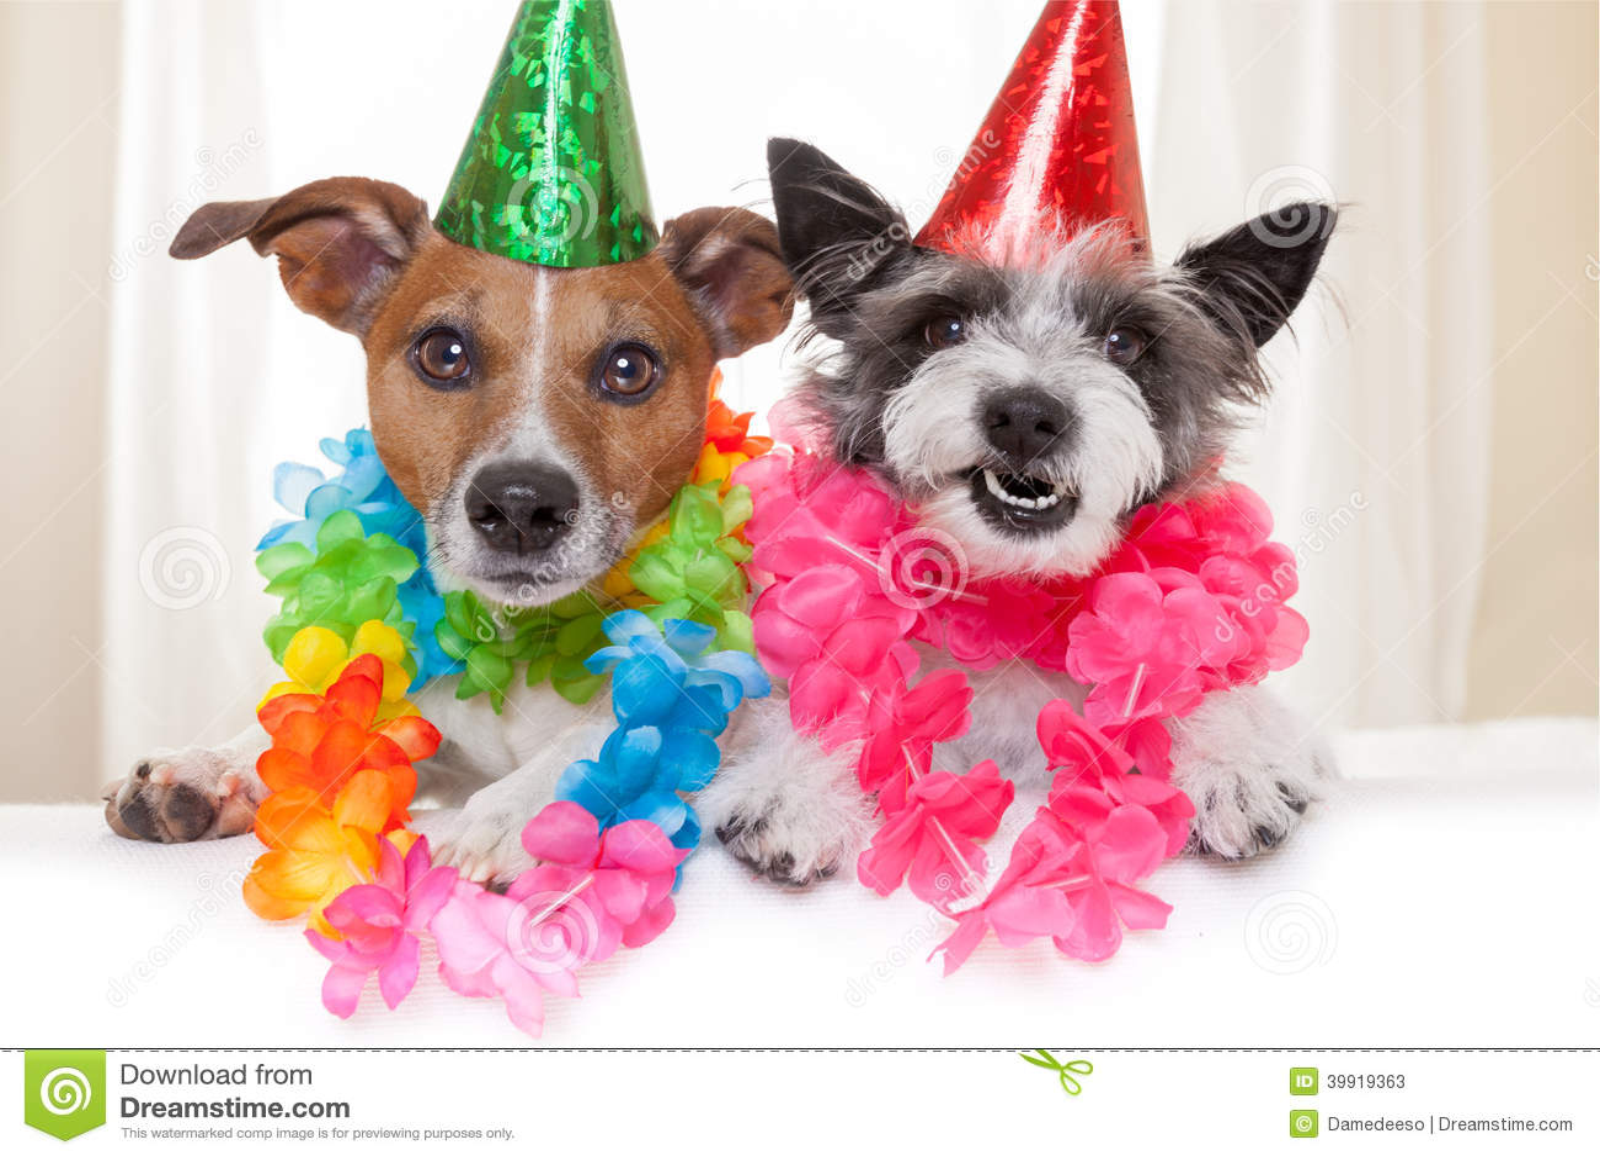 Ben noto Cani di buon compleanno immagine stock. Immagine di festa - 39919363 HF73